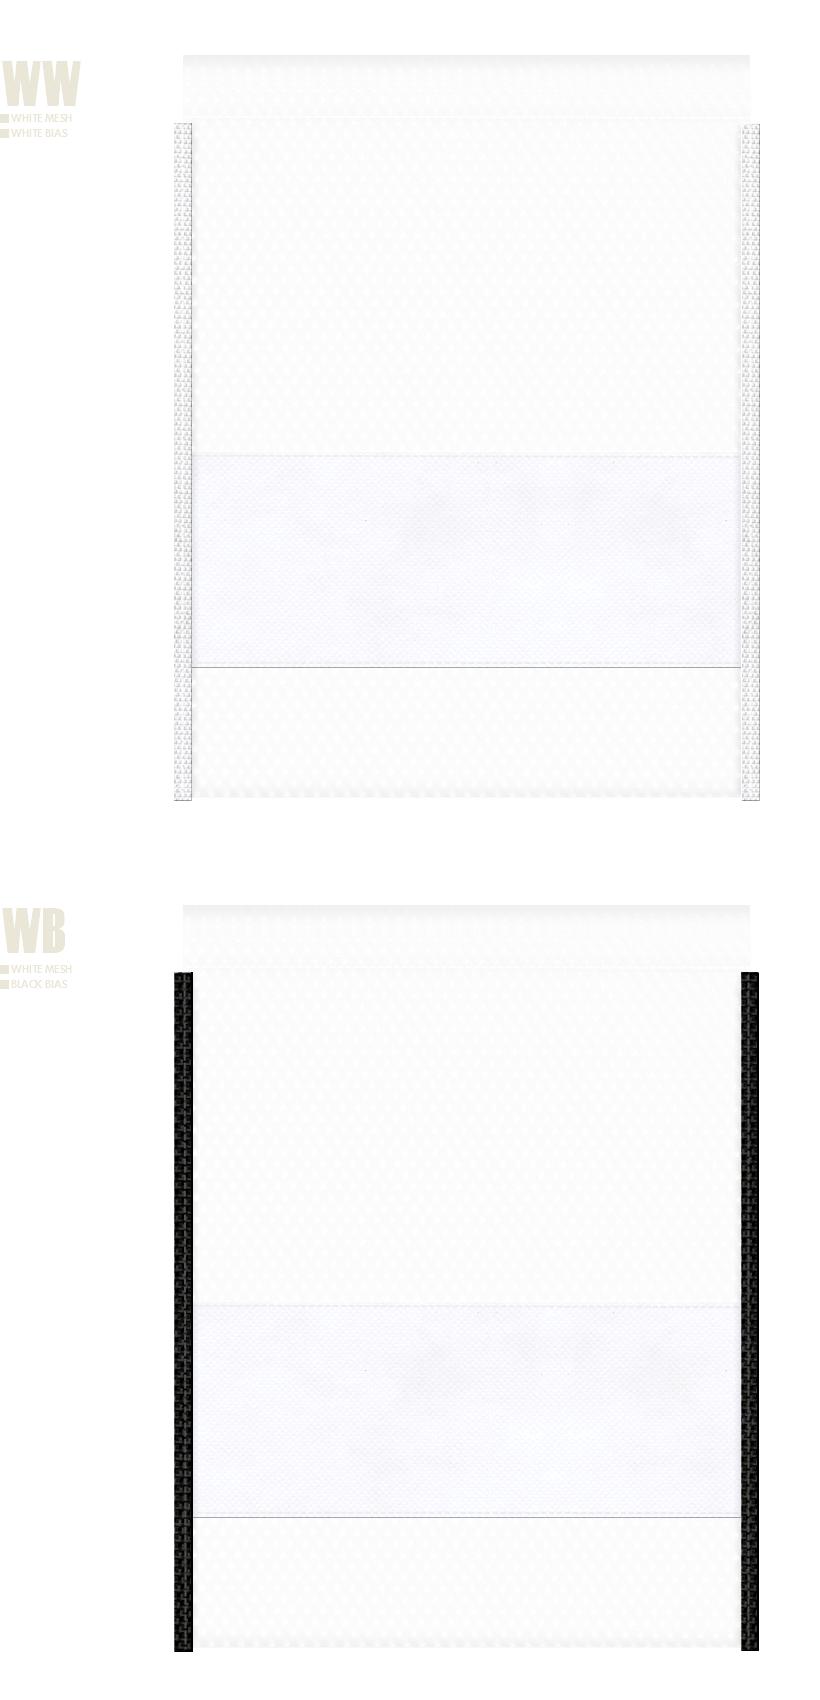 白色メッシュと白色不織布のメッシュバッグカラーシミュレーション:スポーツ用品・シューズバッグにお奨め